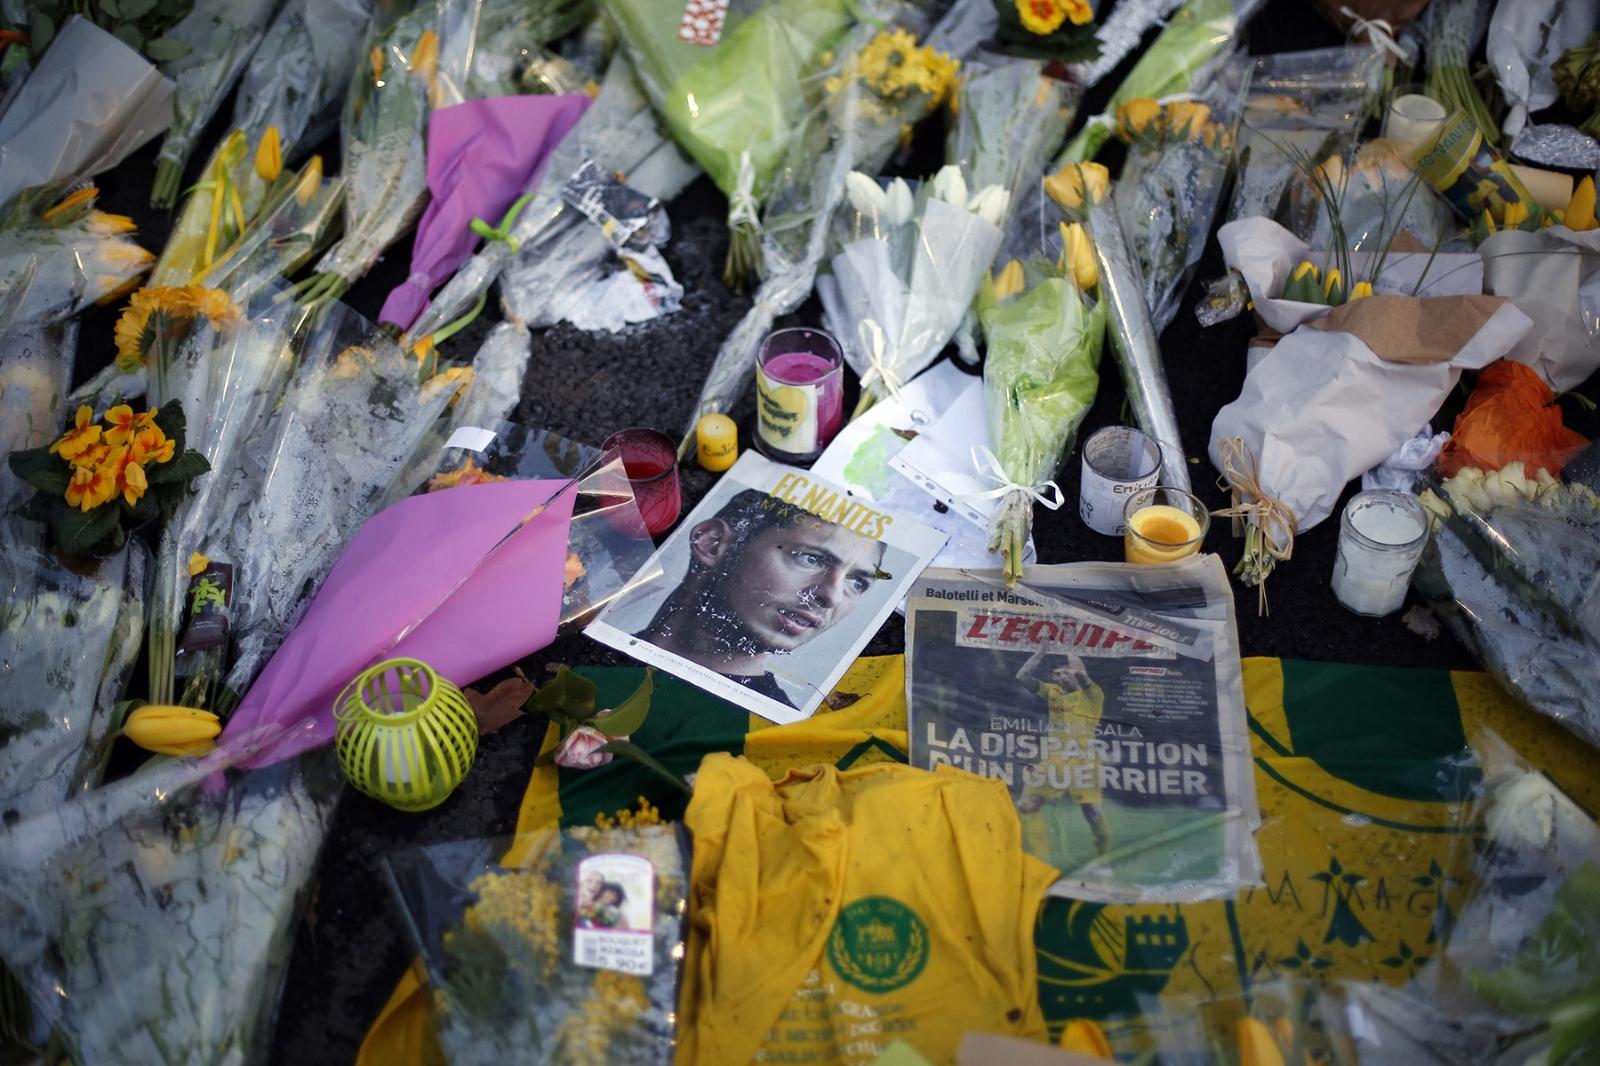 Condenaron a dos personas por difundir fotos del cuerpo de Emiliano Sala